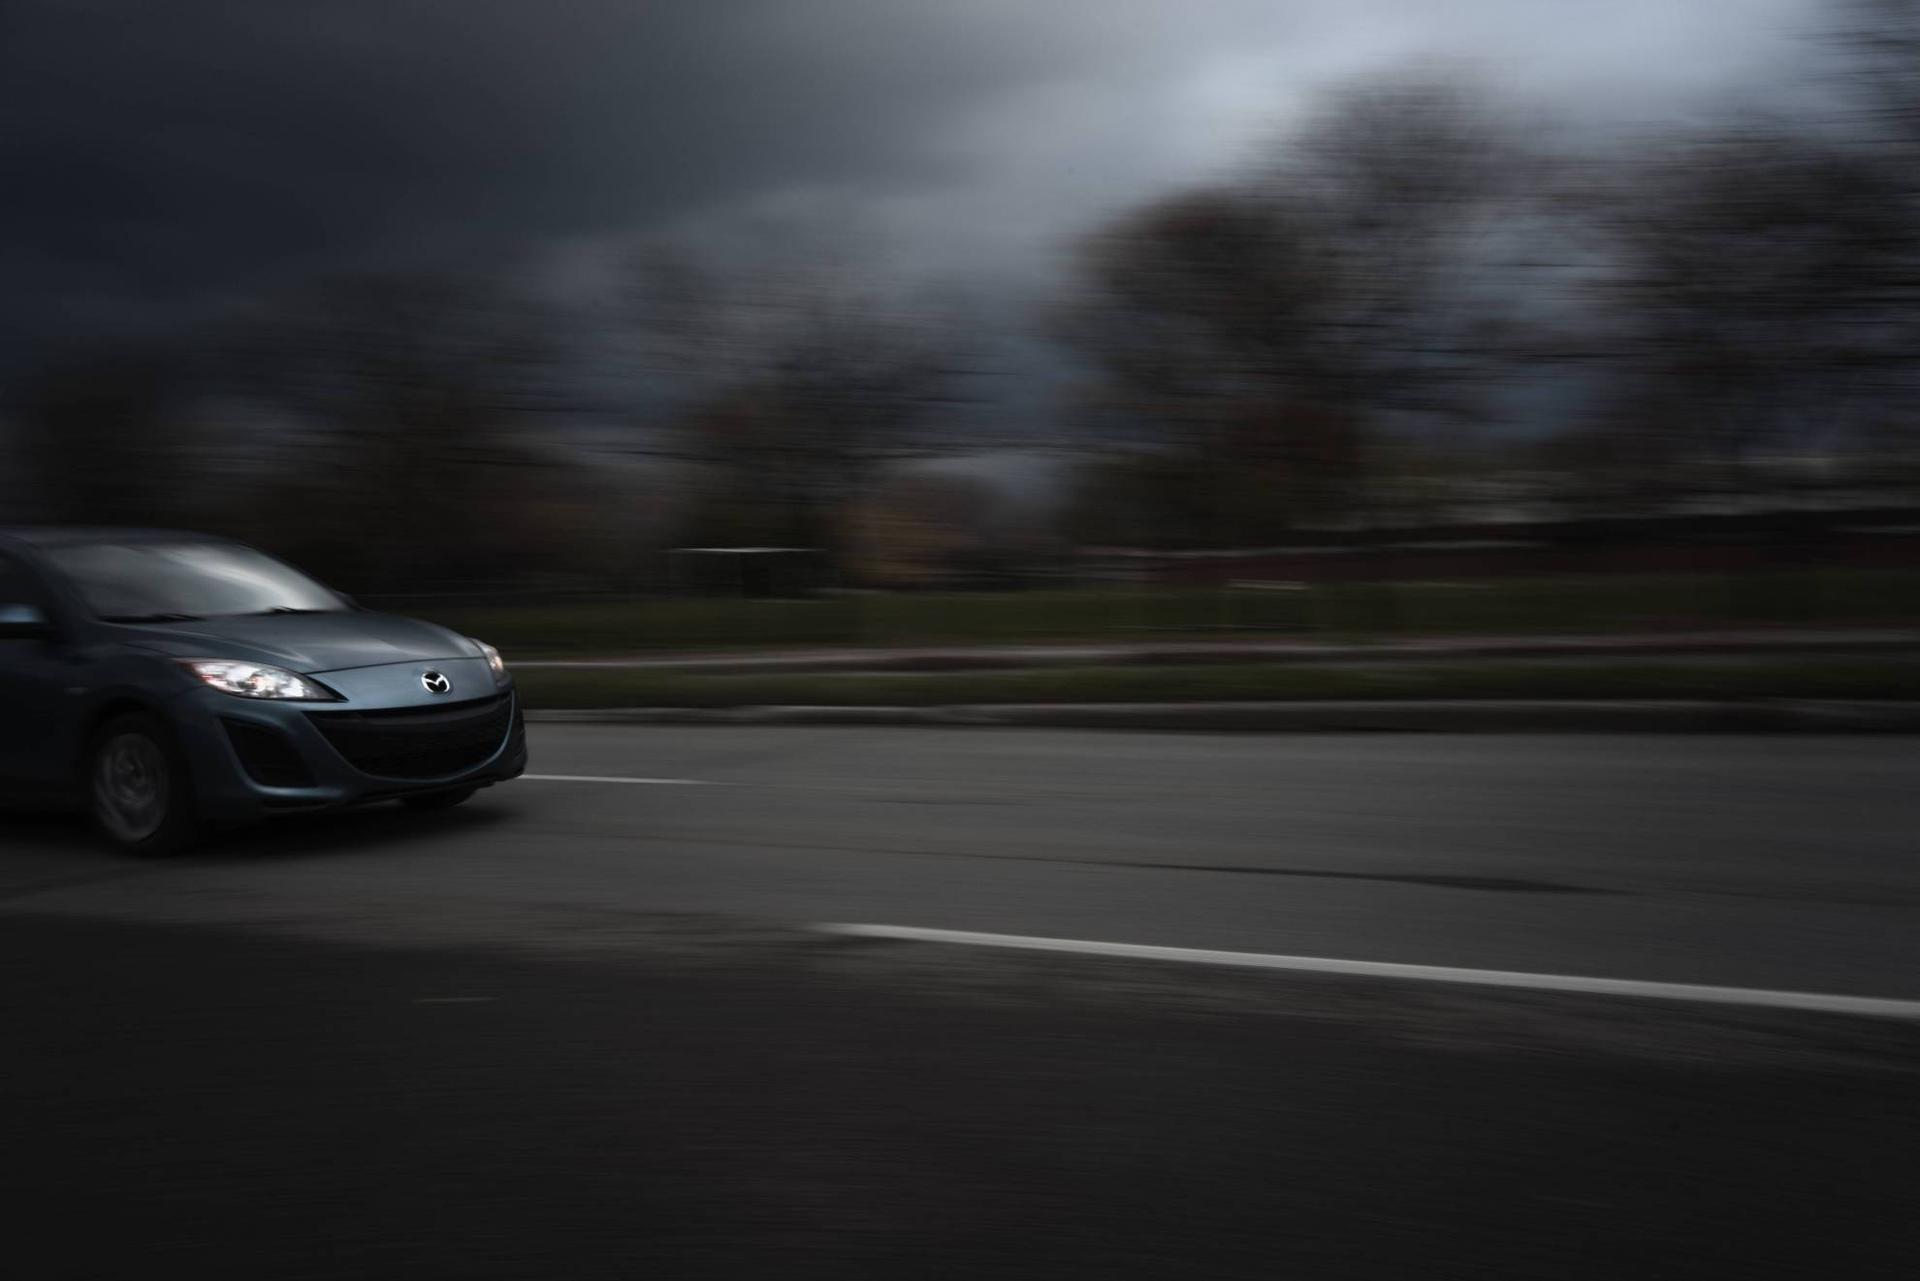 Autohaus Kleinfeld - Vertrieb von Neu,-Jahres- und Gebrauchtwagen